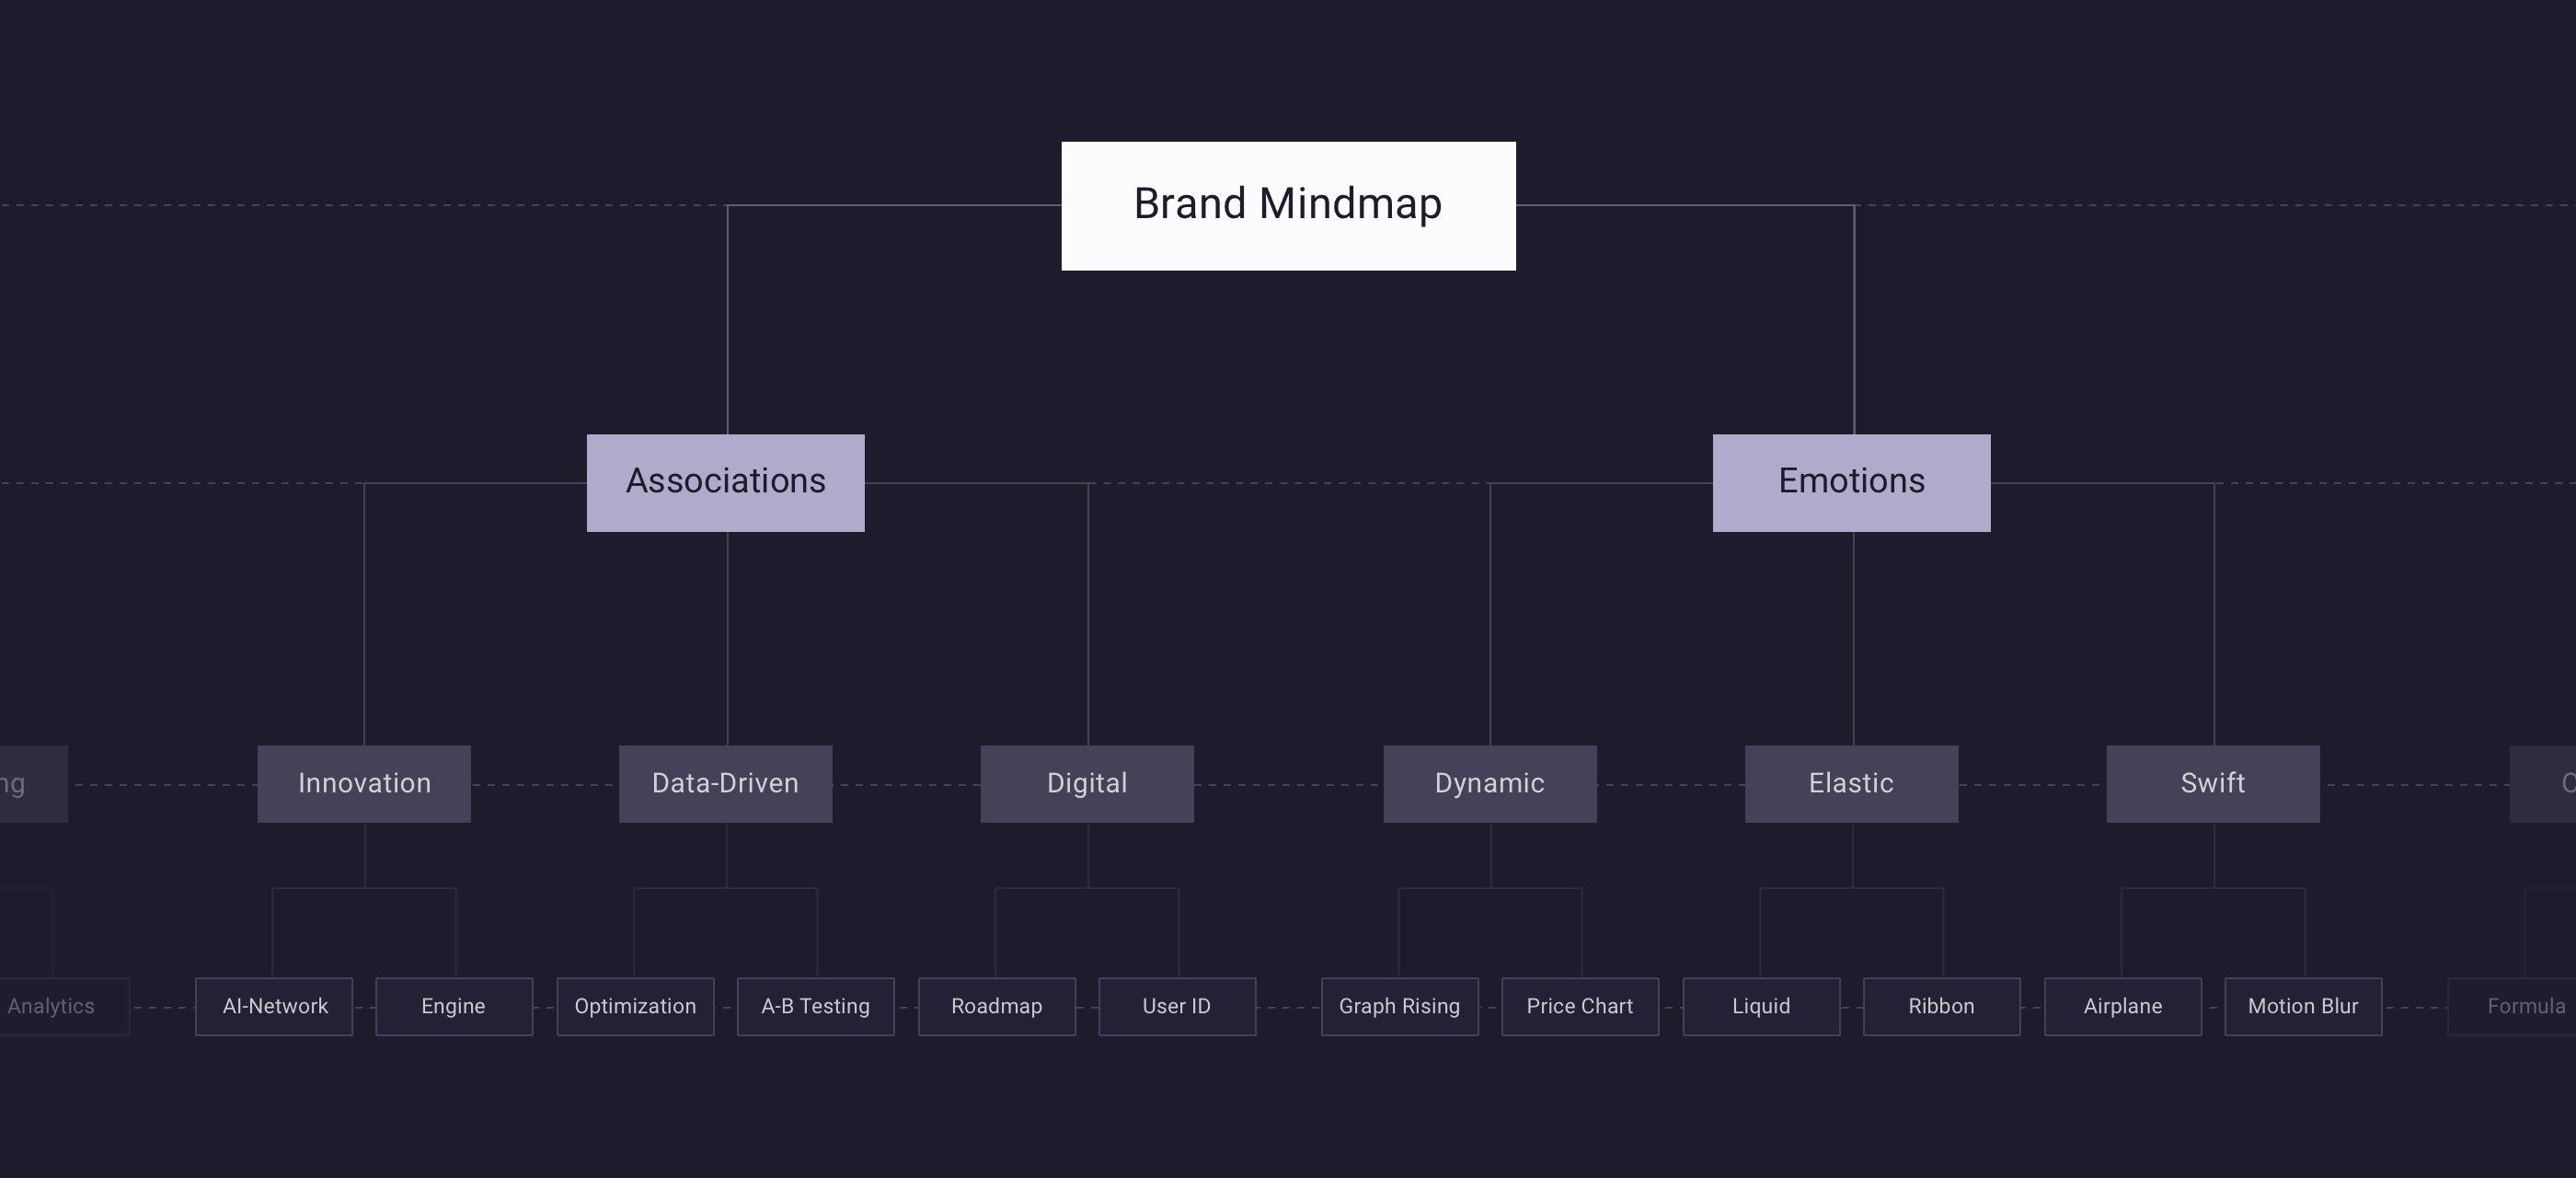 Flyr Brand Mindmap